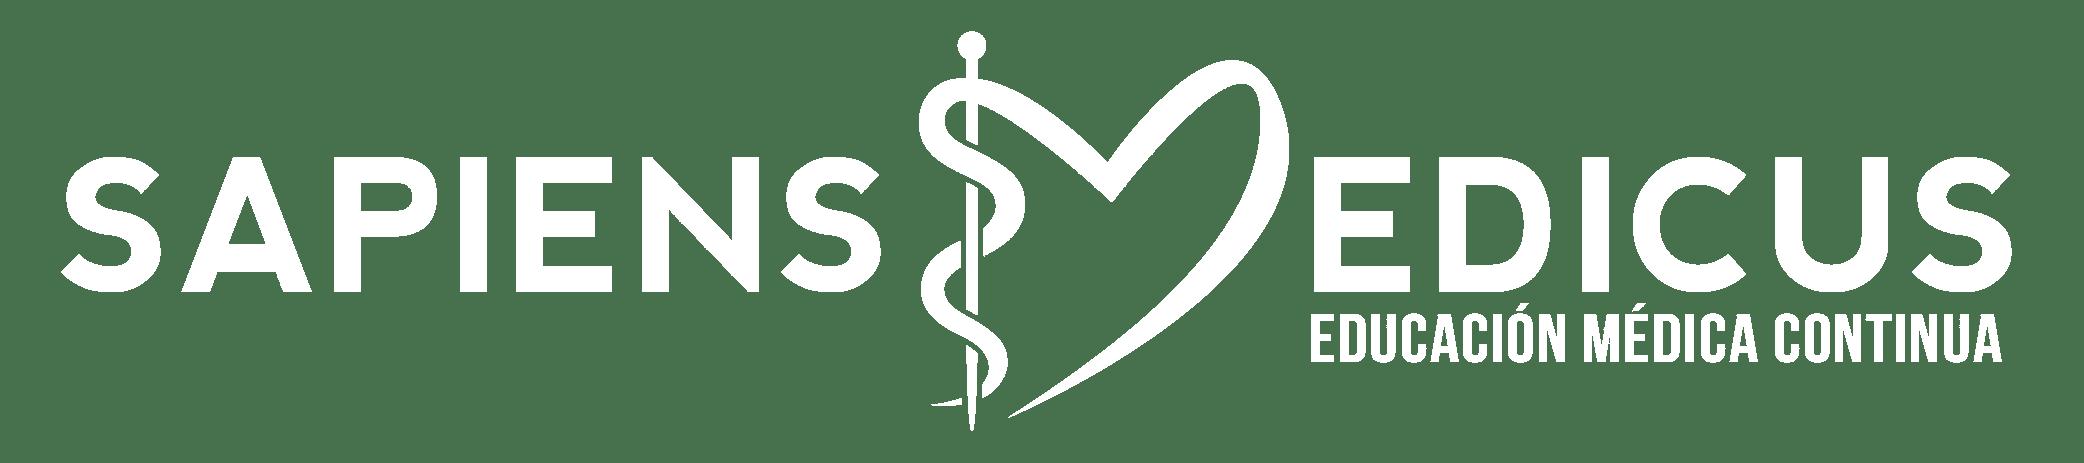 Sapiens Medicus